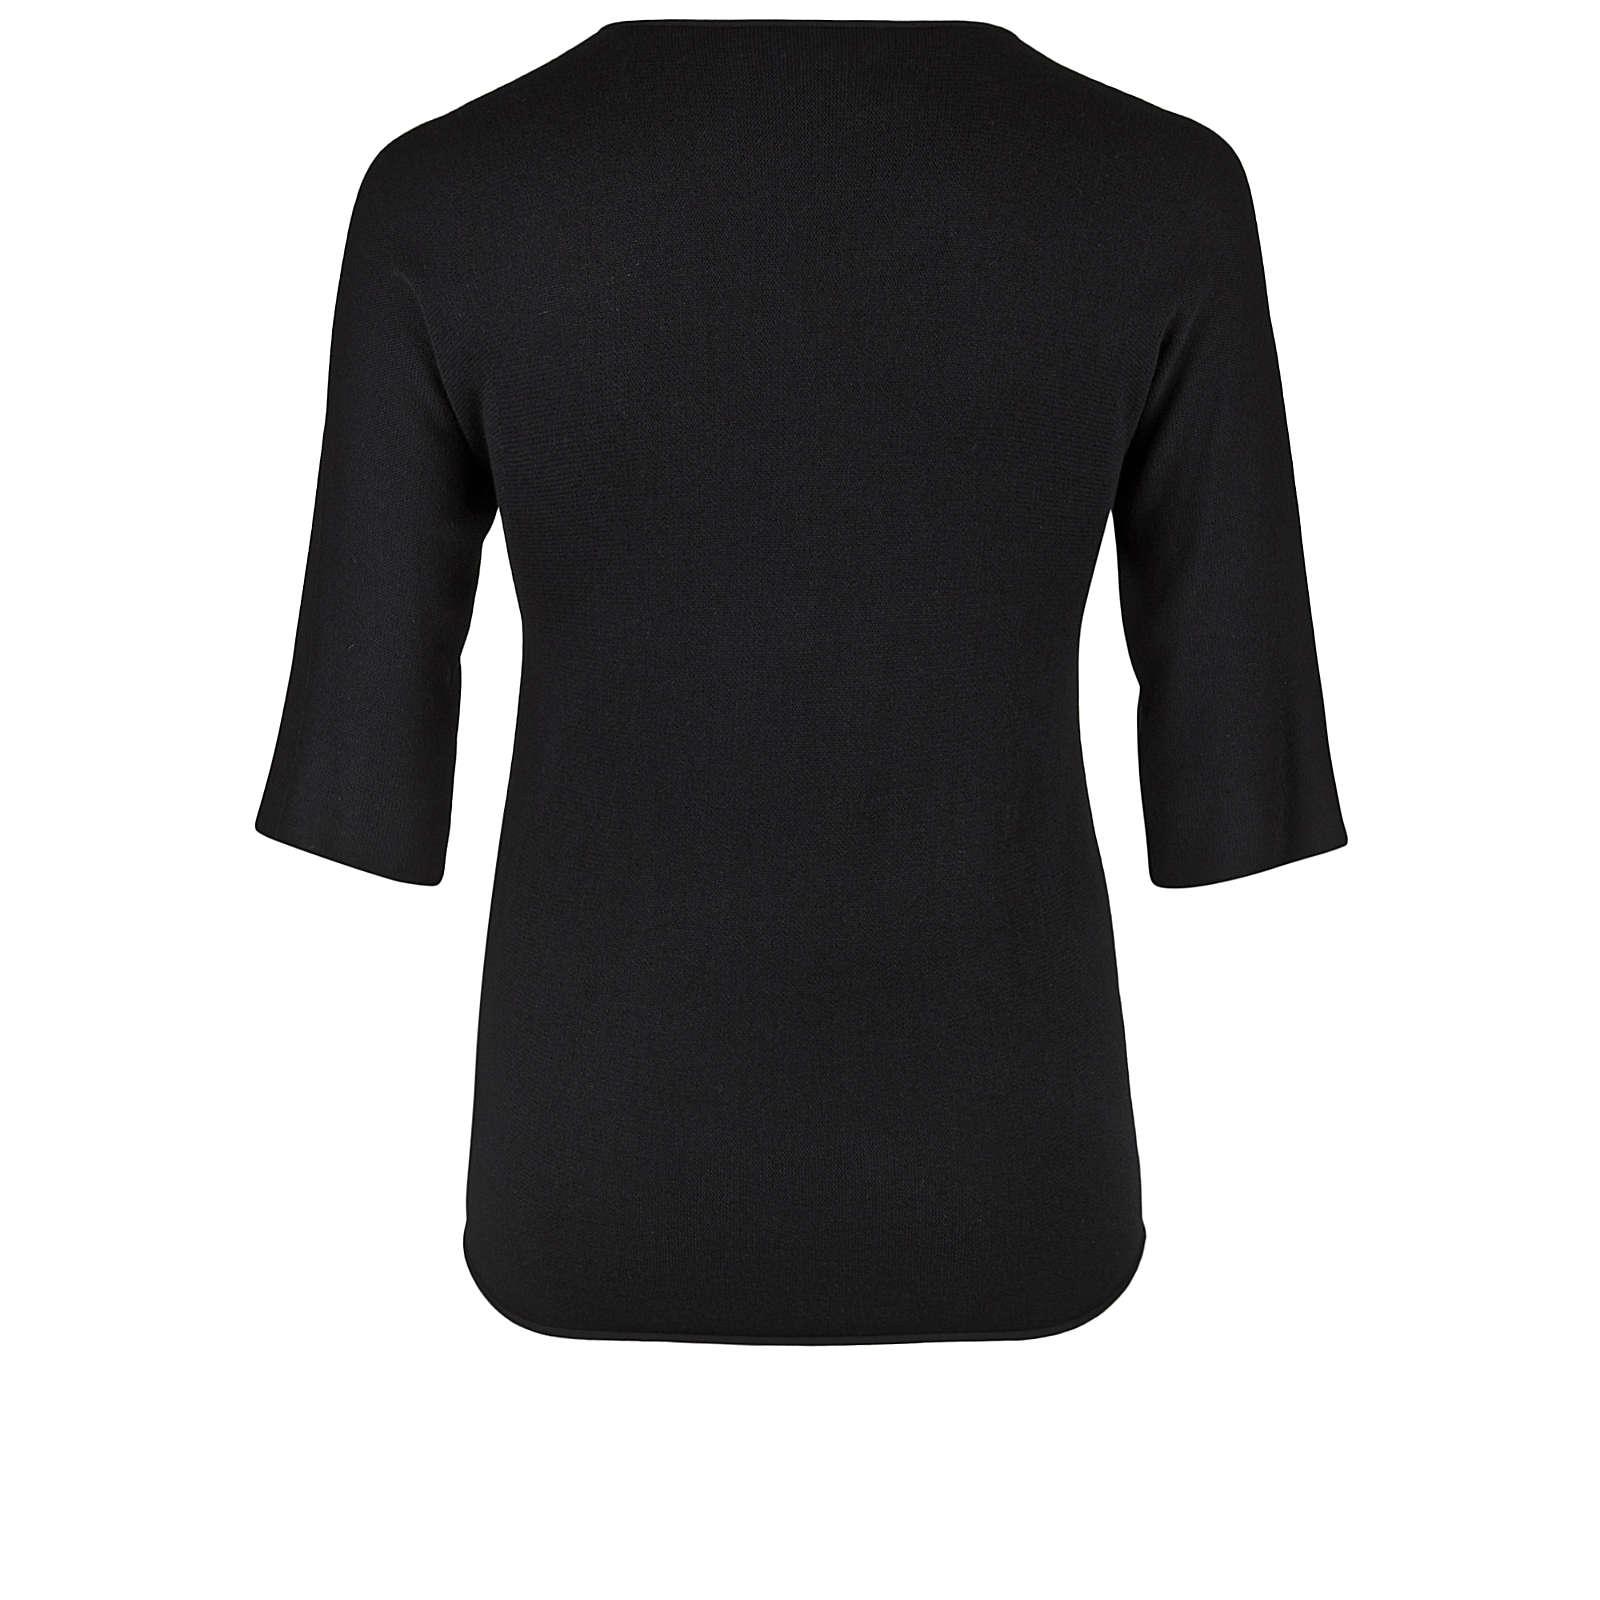 Doris Streich Pullover FEINSTRICKPULLOVER MIT 3/4-ARM Pullover schwarz Damen Gr. 42